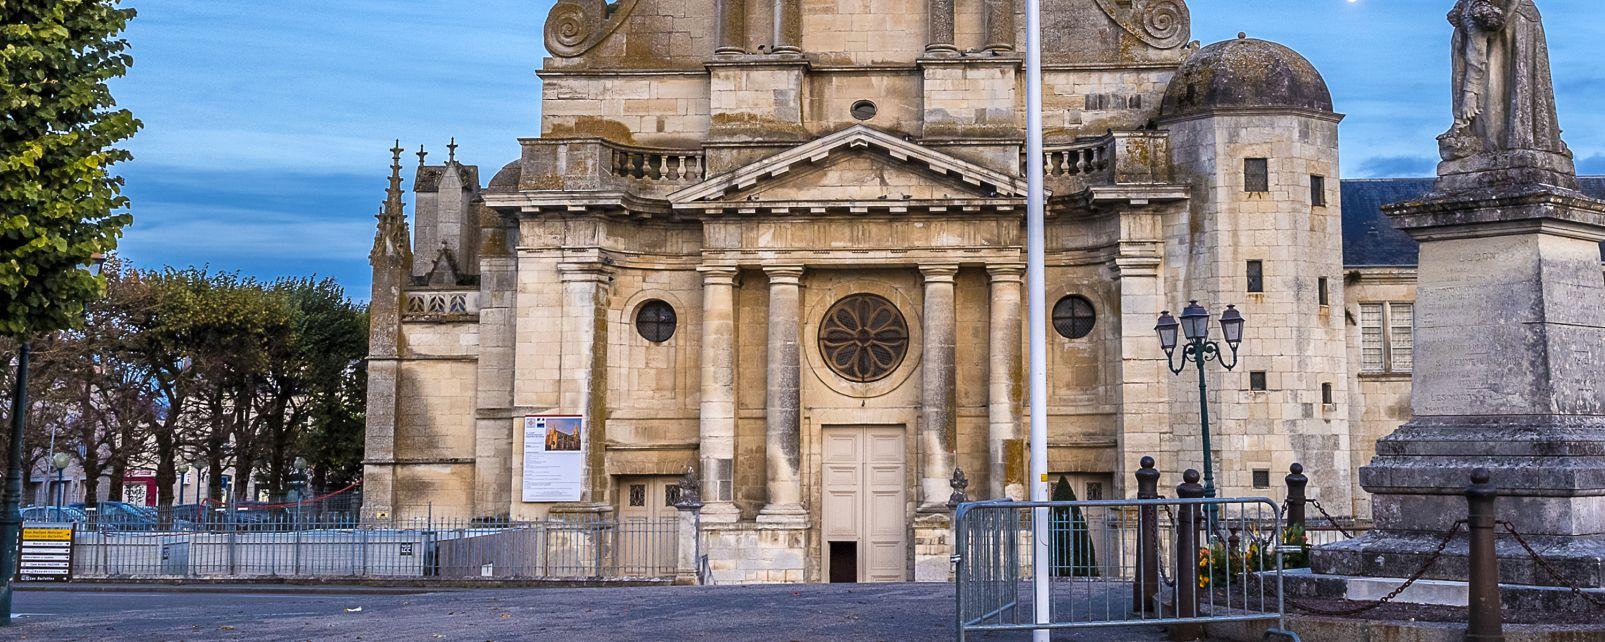 Les monuments, france, europe, pays de la Loire, cathédrale, religion, luçon